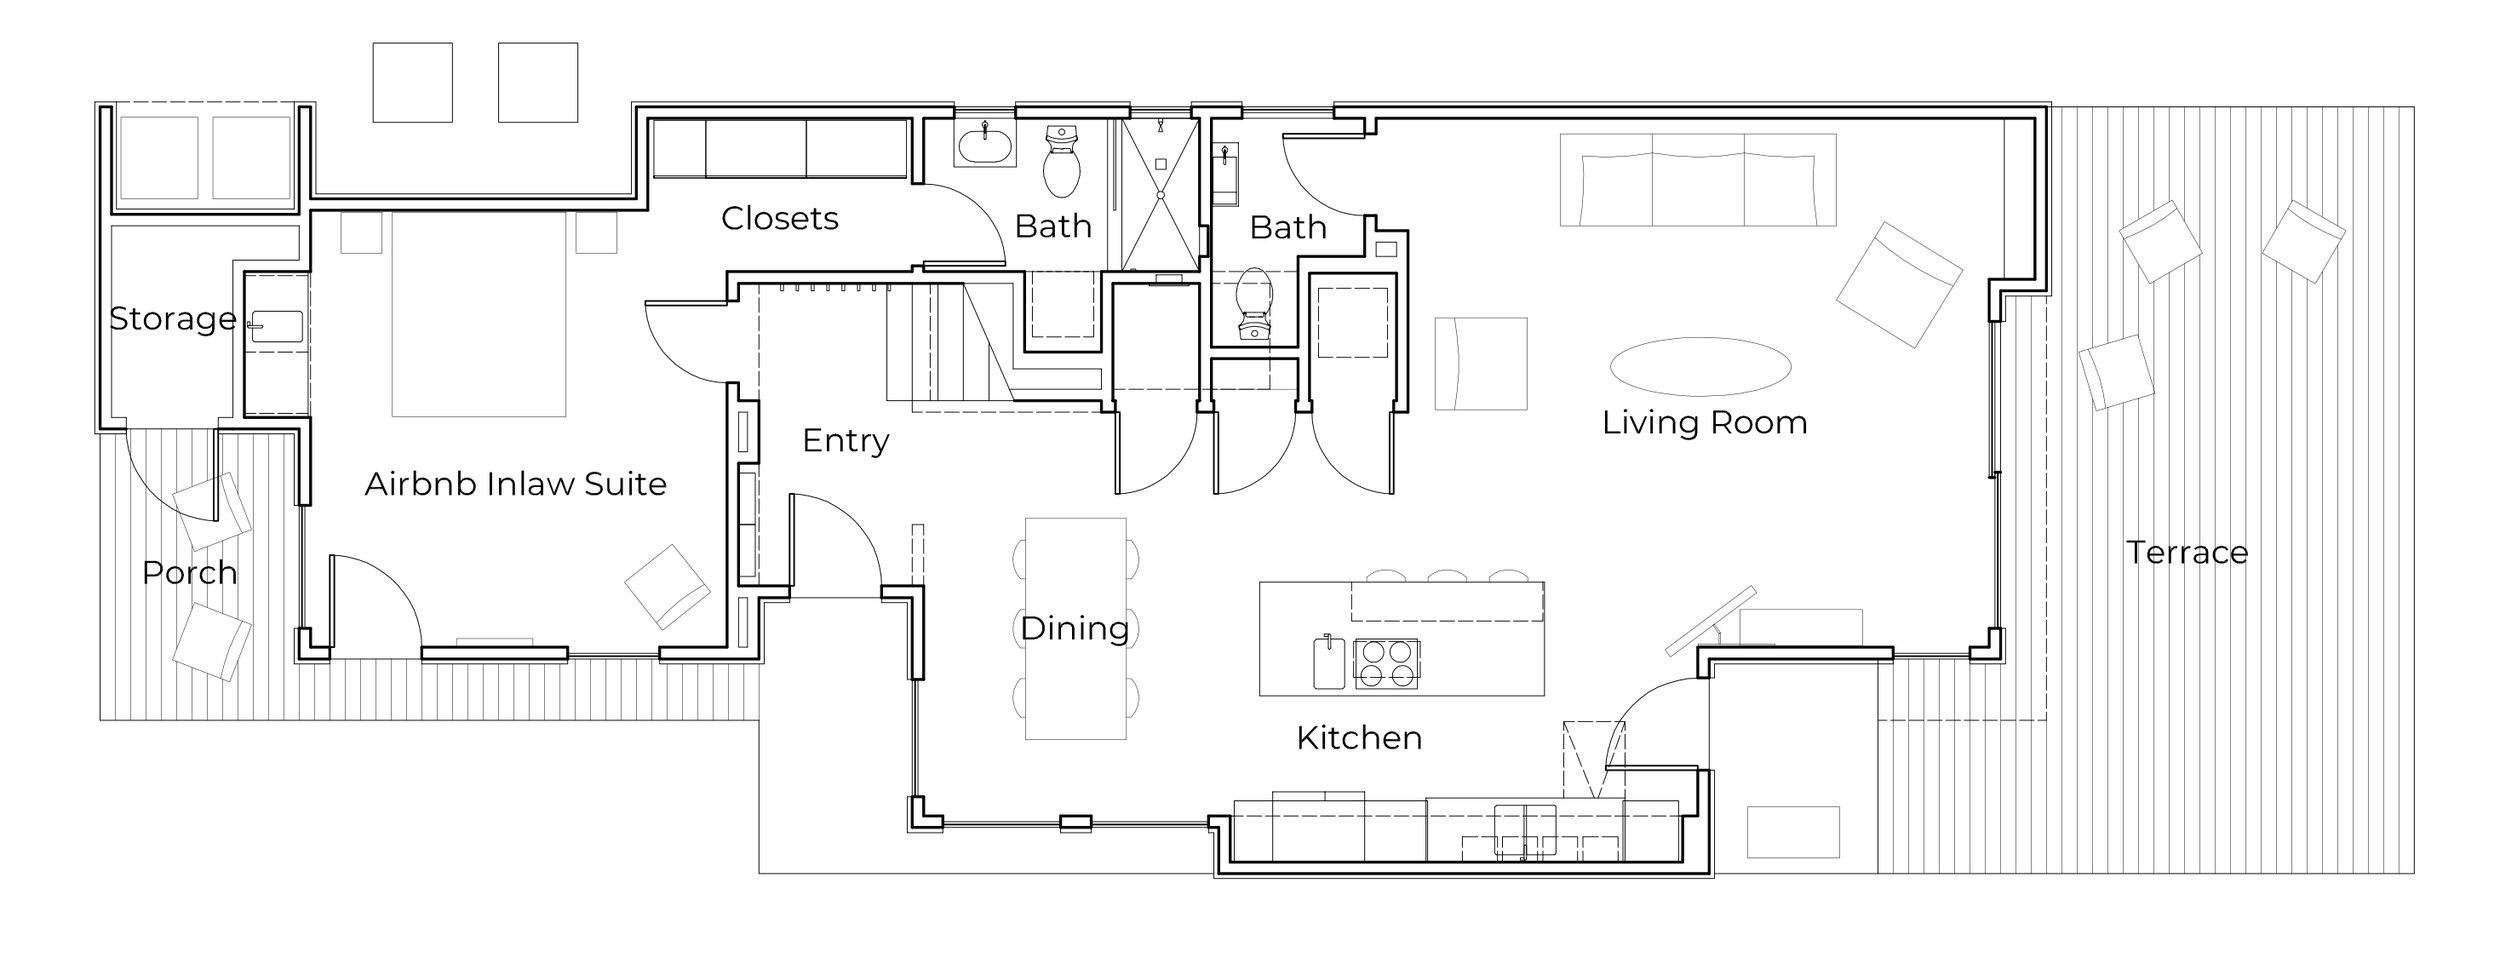 150 wh02 cad schematicplans 18-08-07 plan01.jpg